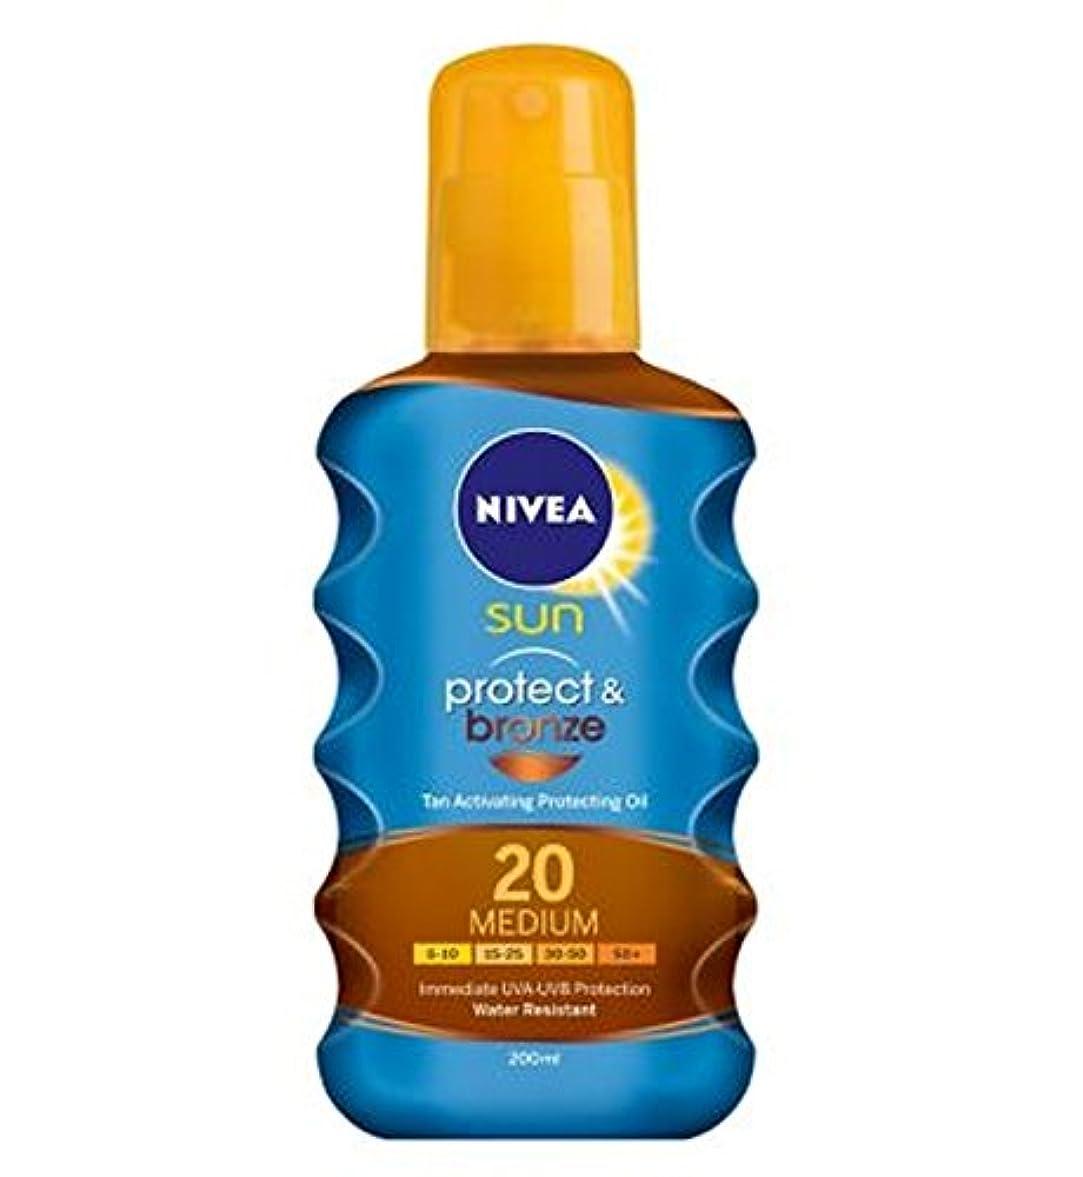 再び四半期害虫NIVEA SUN Protect & Bronze Tan Activating Protecting Oil 20 Medium 200ml - ニベアの日は、油媒体20 200ミリリットルを保護する日焼け活性化を保護...